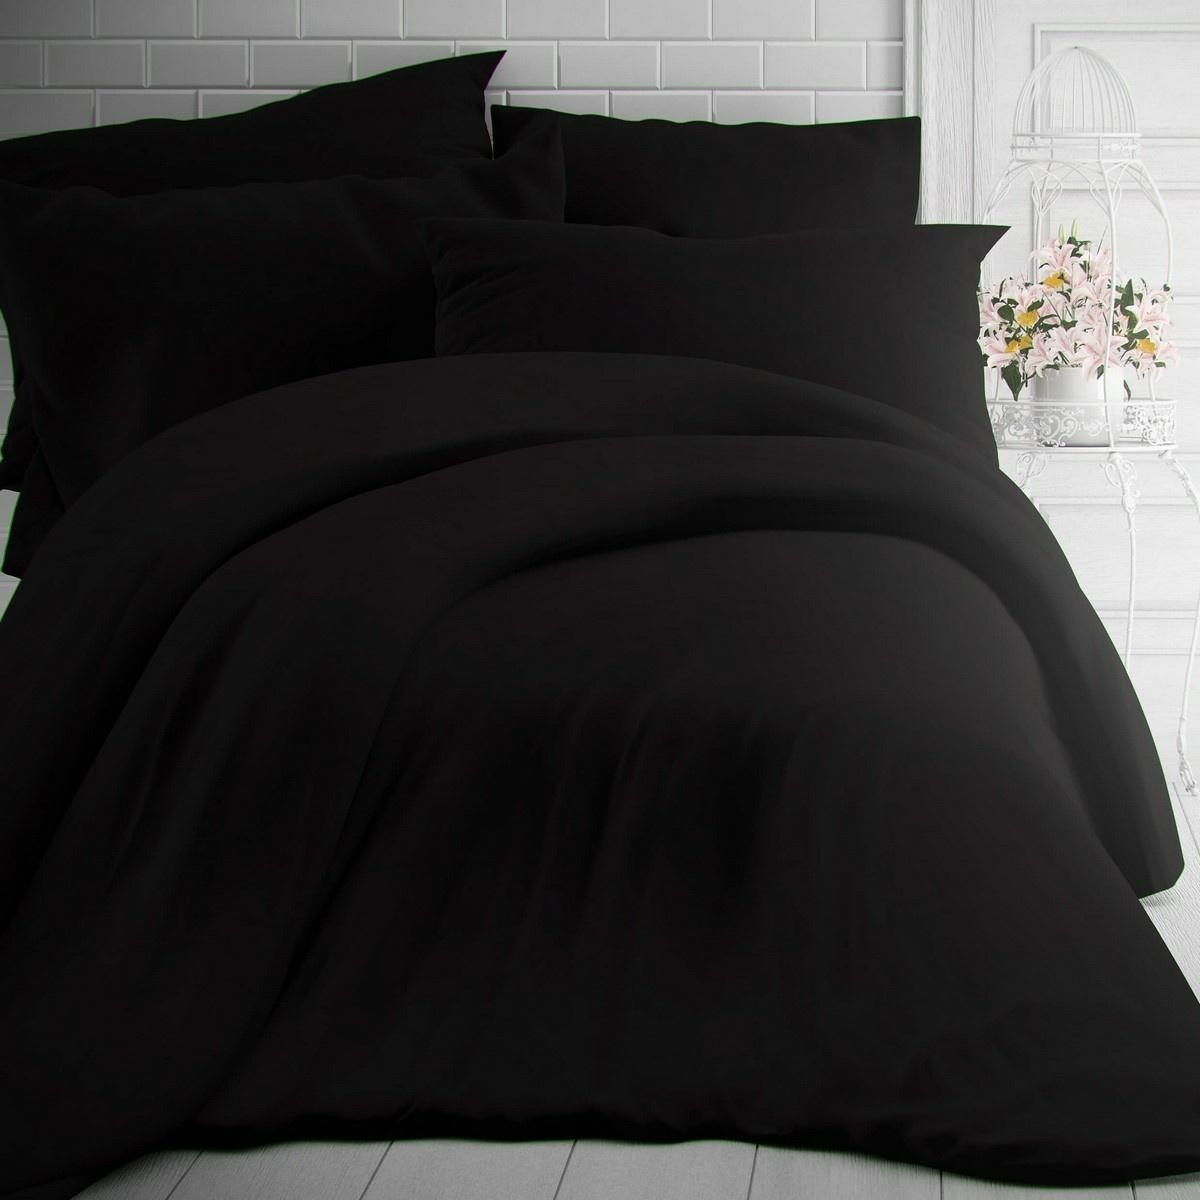 Kvalitex Bavlnené obliečky čierna, 220 x 200 cm, 2 ks 70 x 90 cm